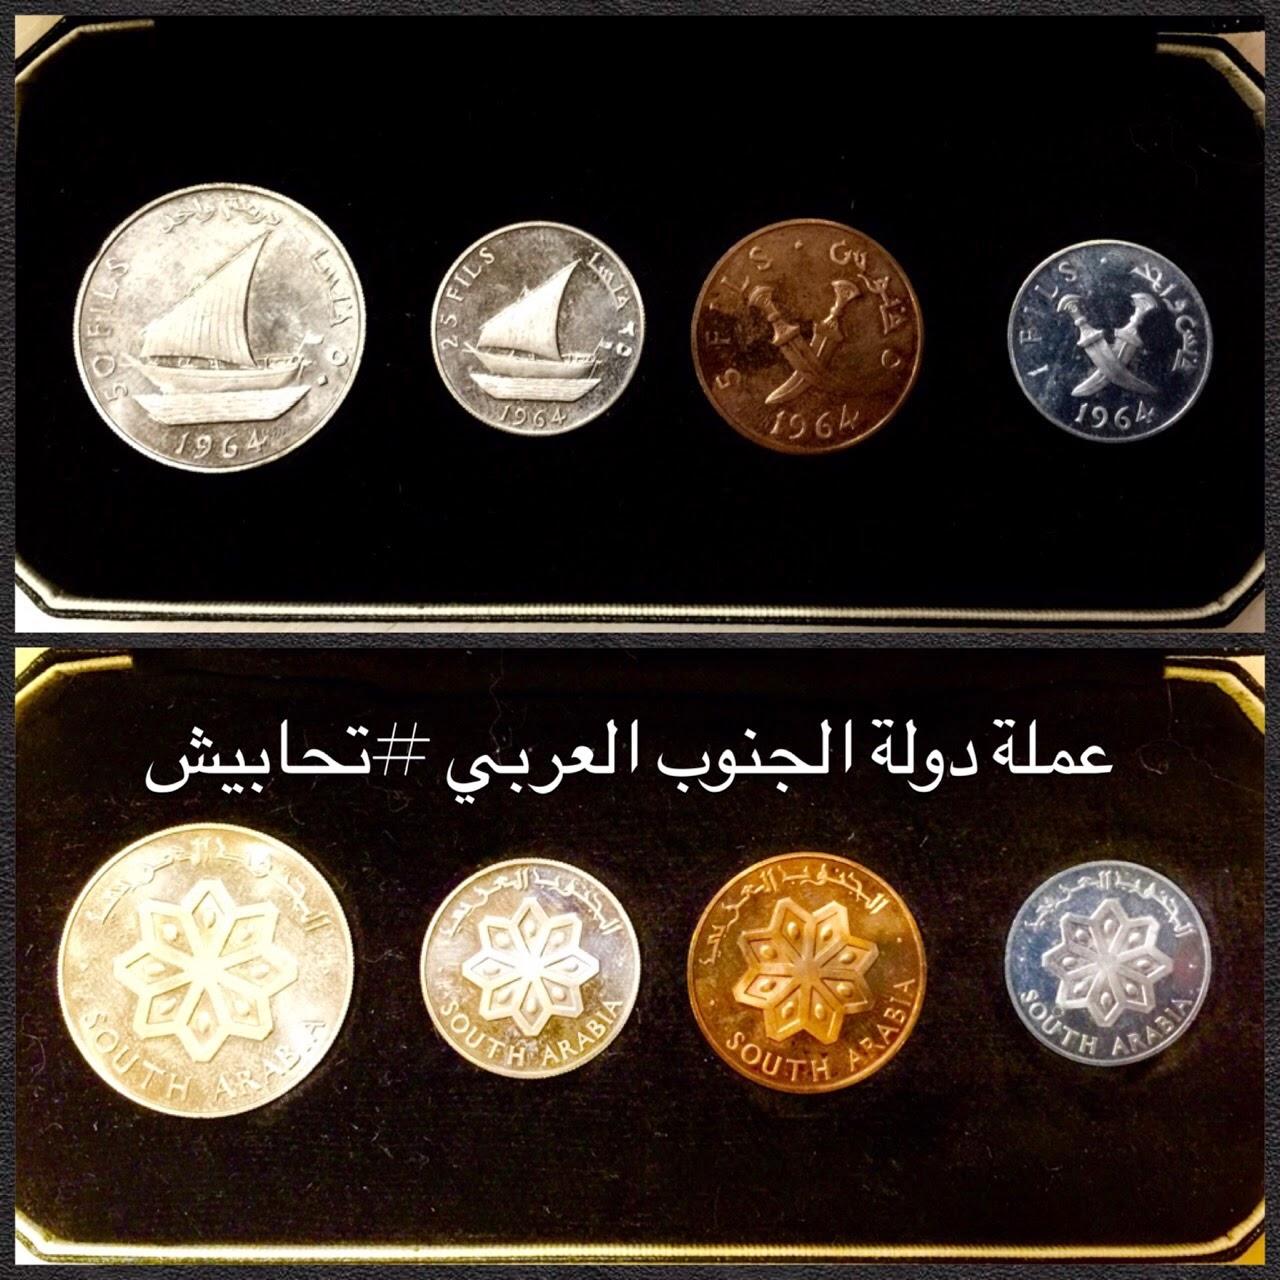 تحابيش دولة الجنوب العربي South Arabia